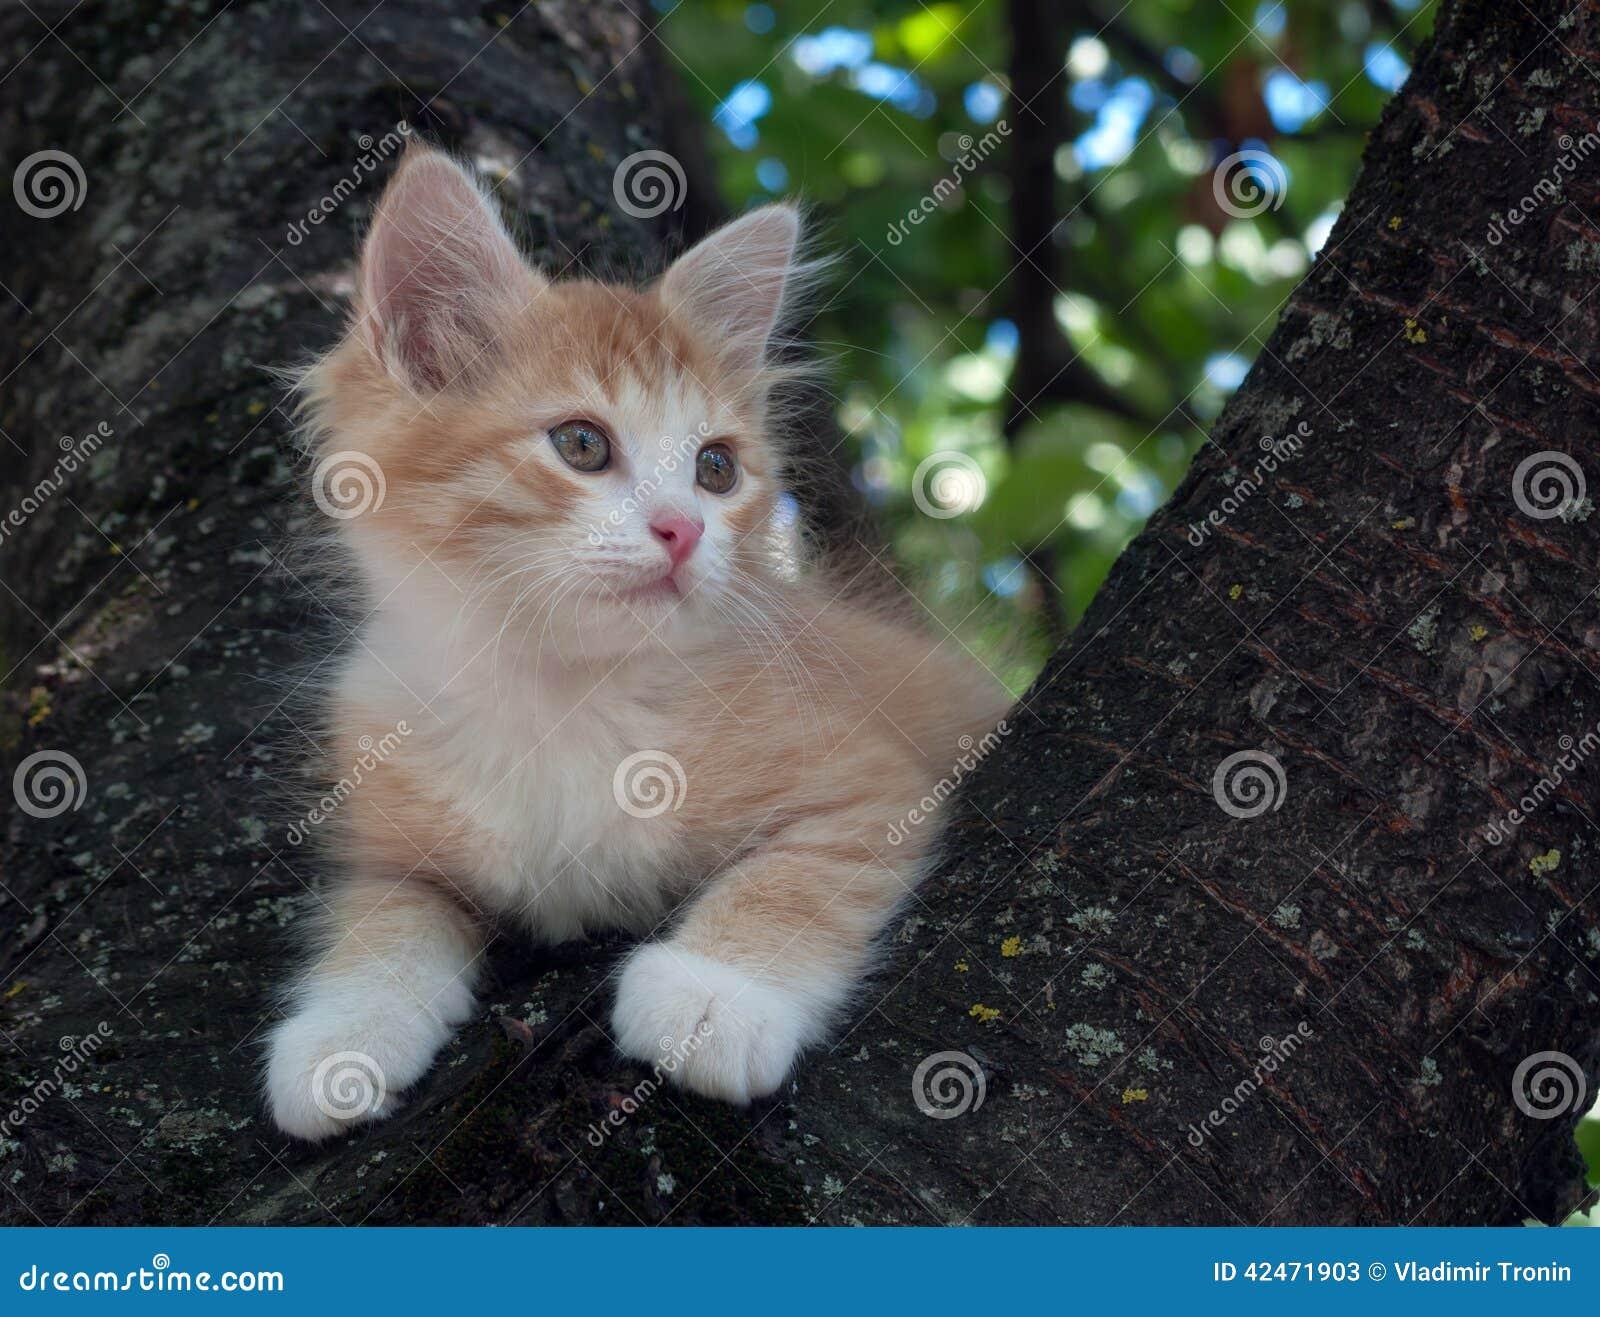 Kätzchen, das in einem Baum sitzt